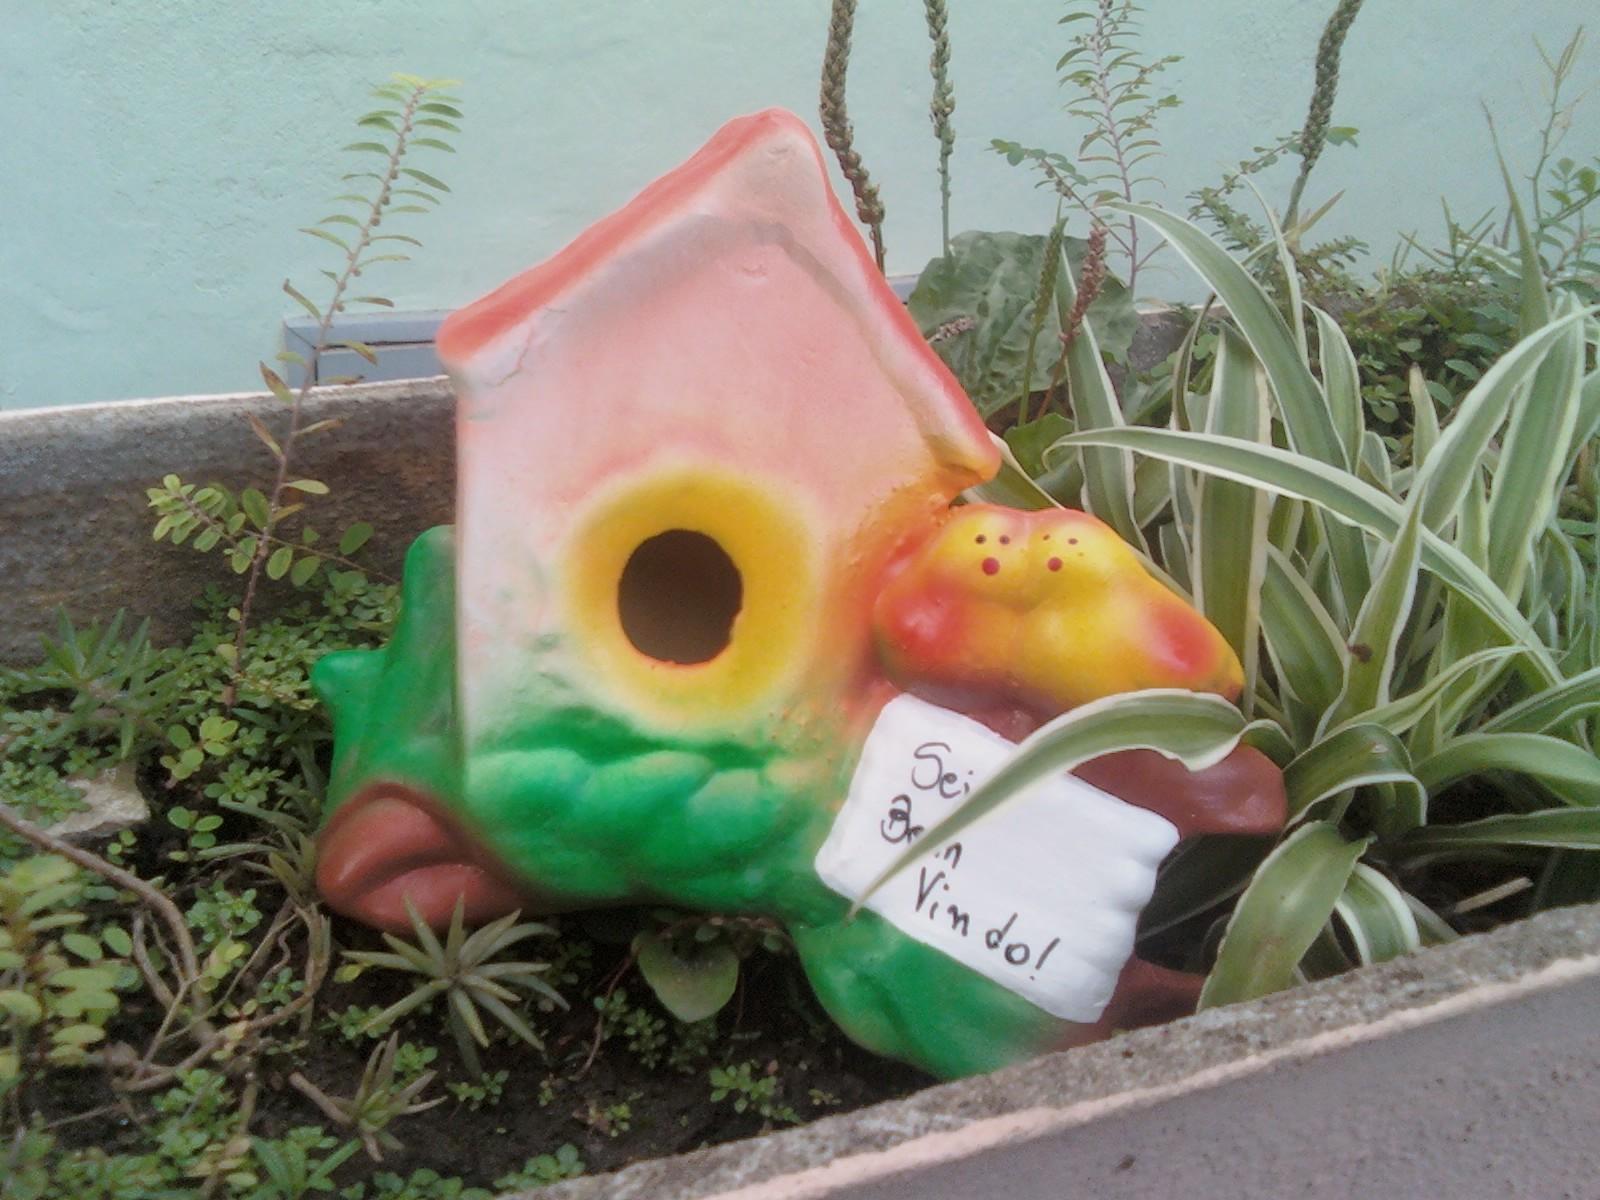 imagens de enfeites para jardim:Enviar por e-mail BlogThis! Compartilhar no Twitter Compartilhar no